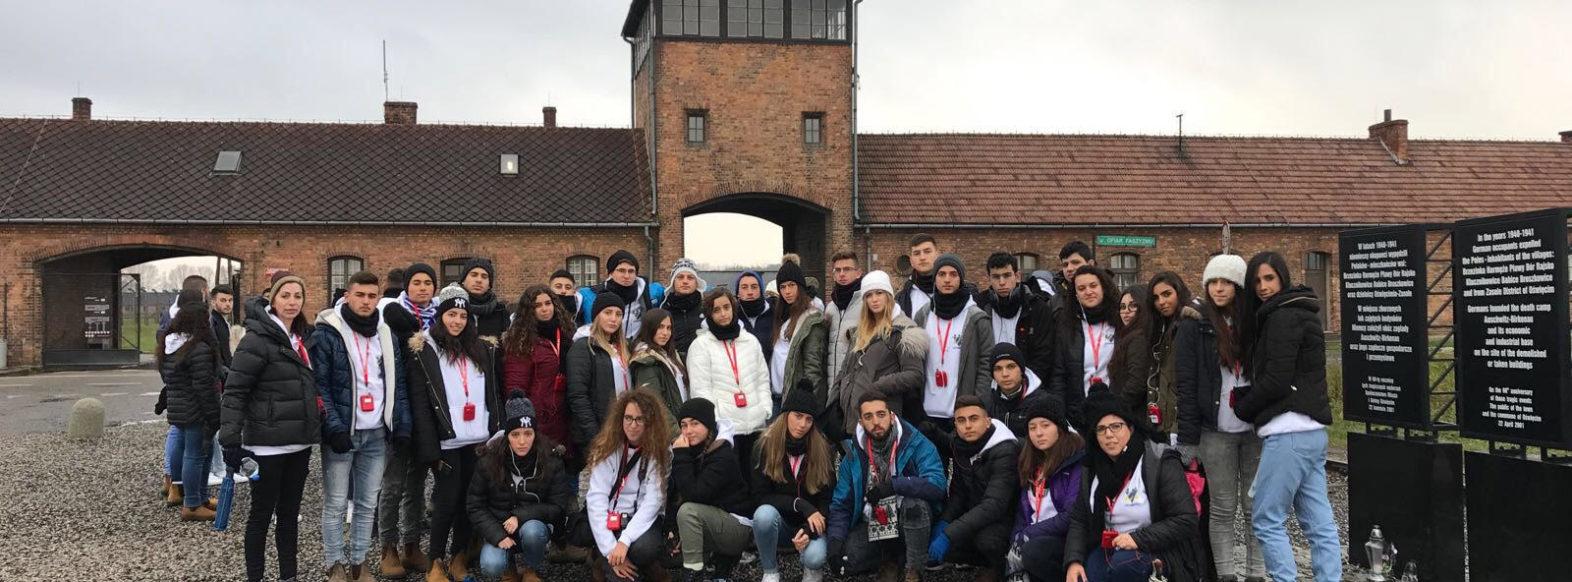 משלחת של תלמידי רוגוזין יצאה למסע השנתי בעקבות השואה בפולין